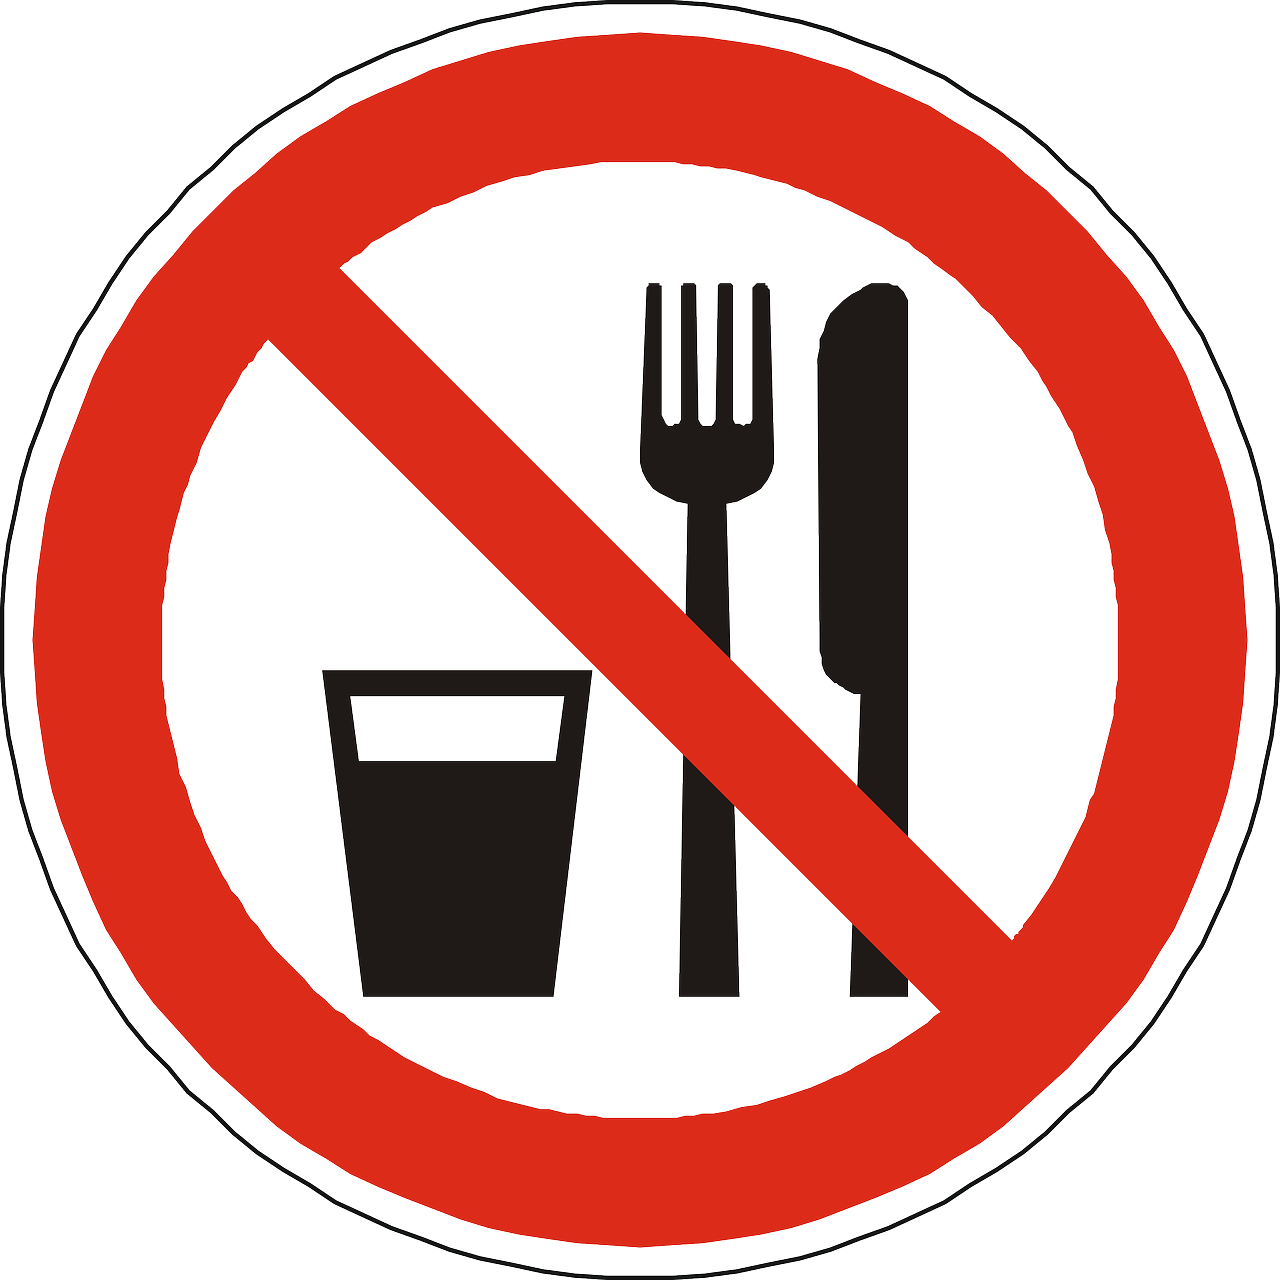 Makan Minum Dilarang Tidak Gambar Vektor Gratis Di Pixabay